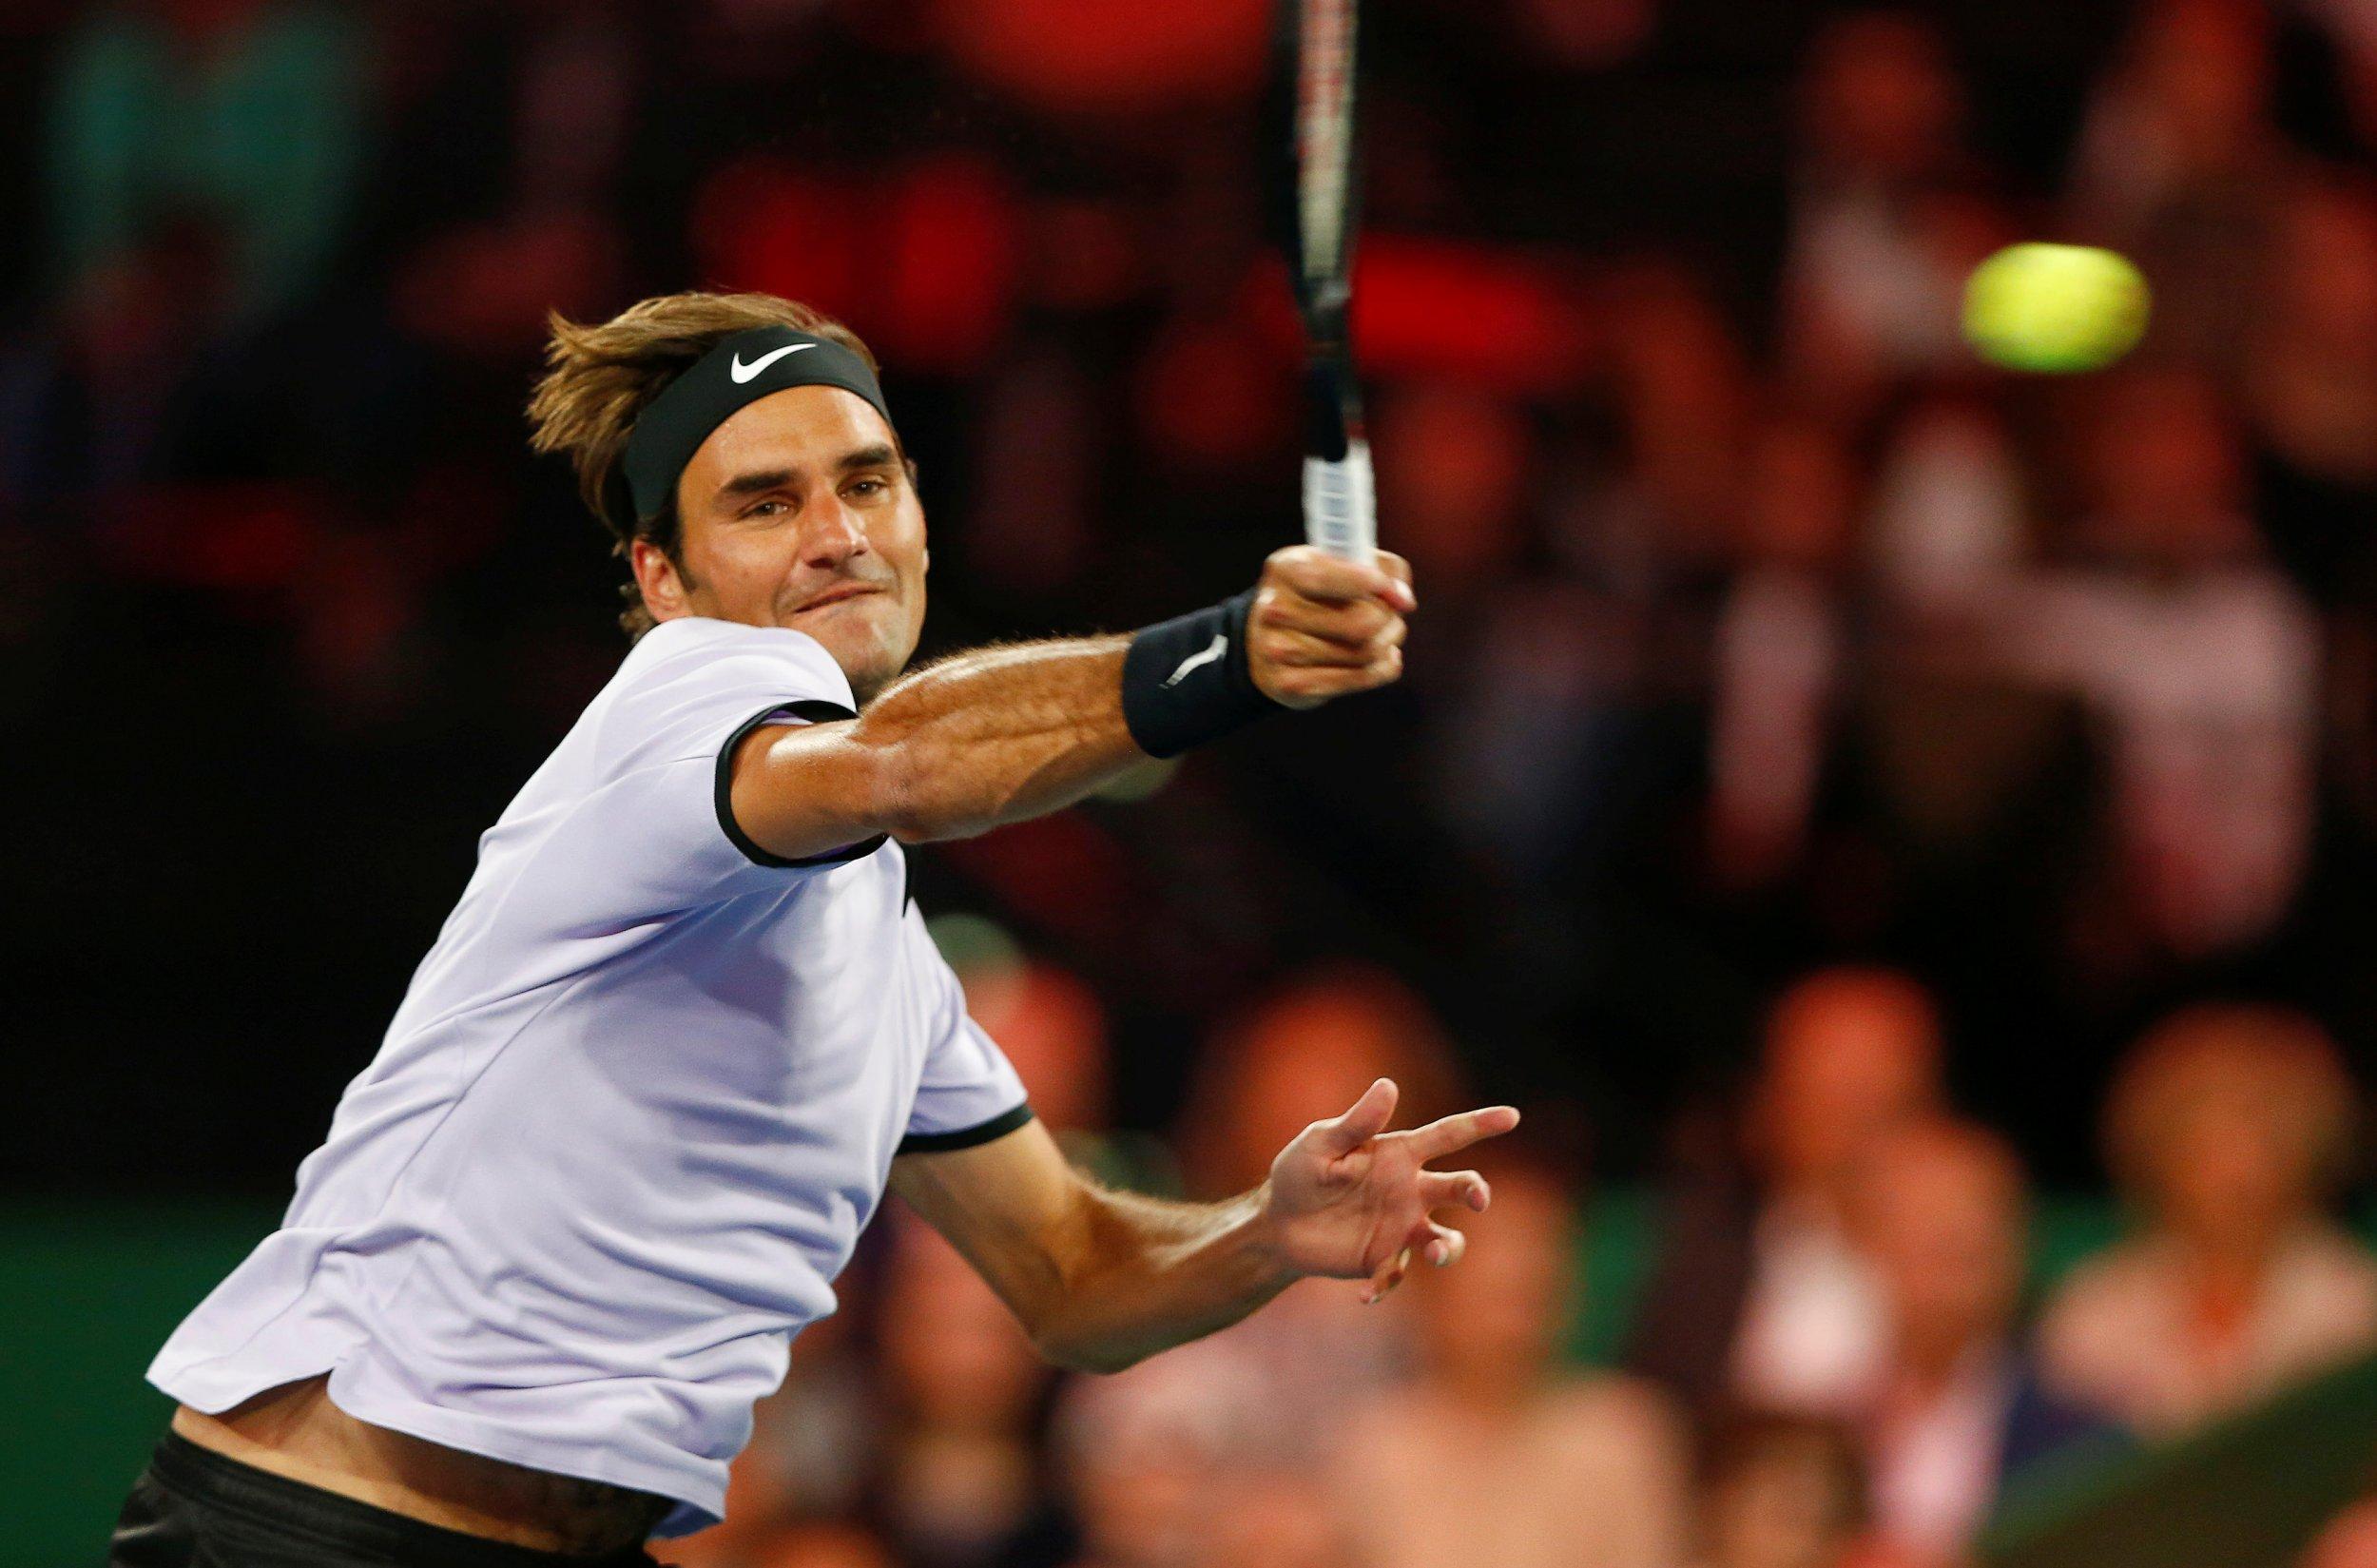 18-times Grand Slam winner Roger Federer.